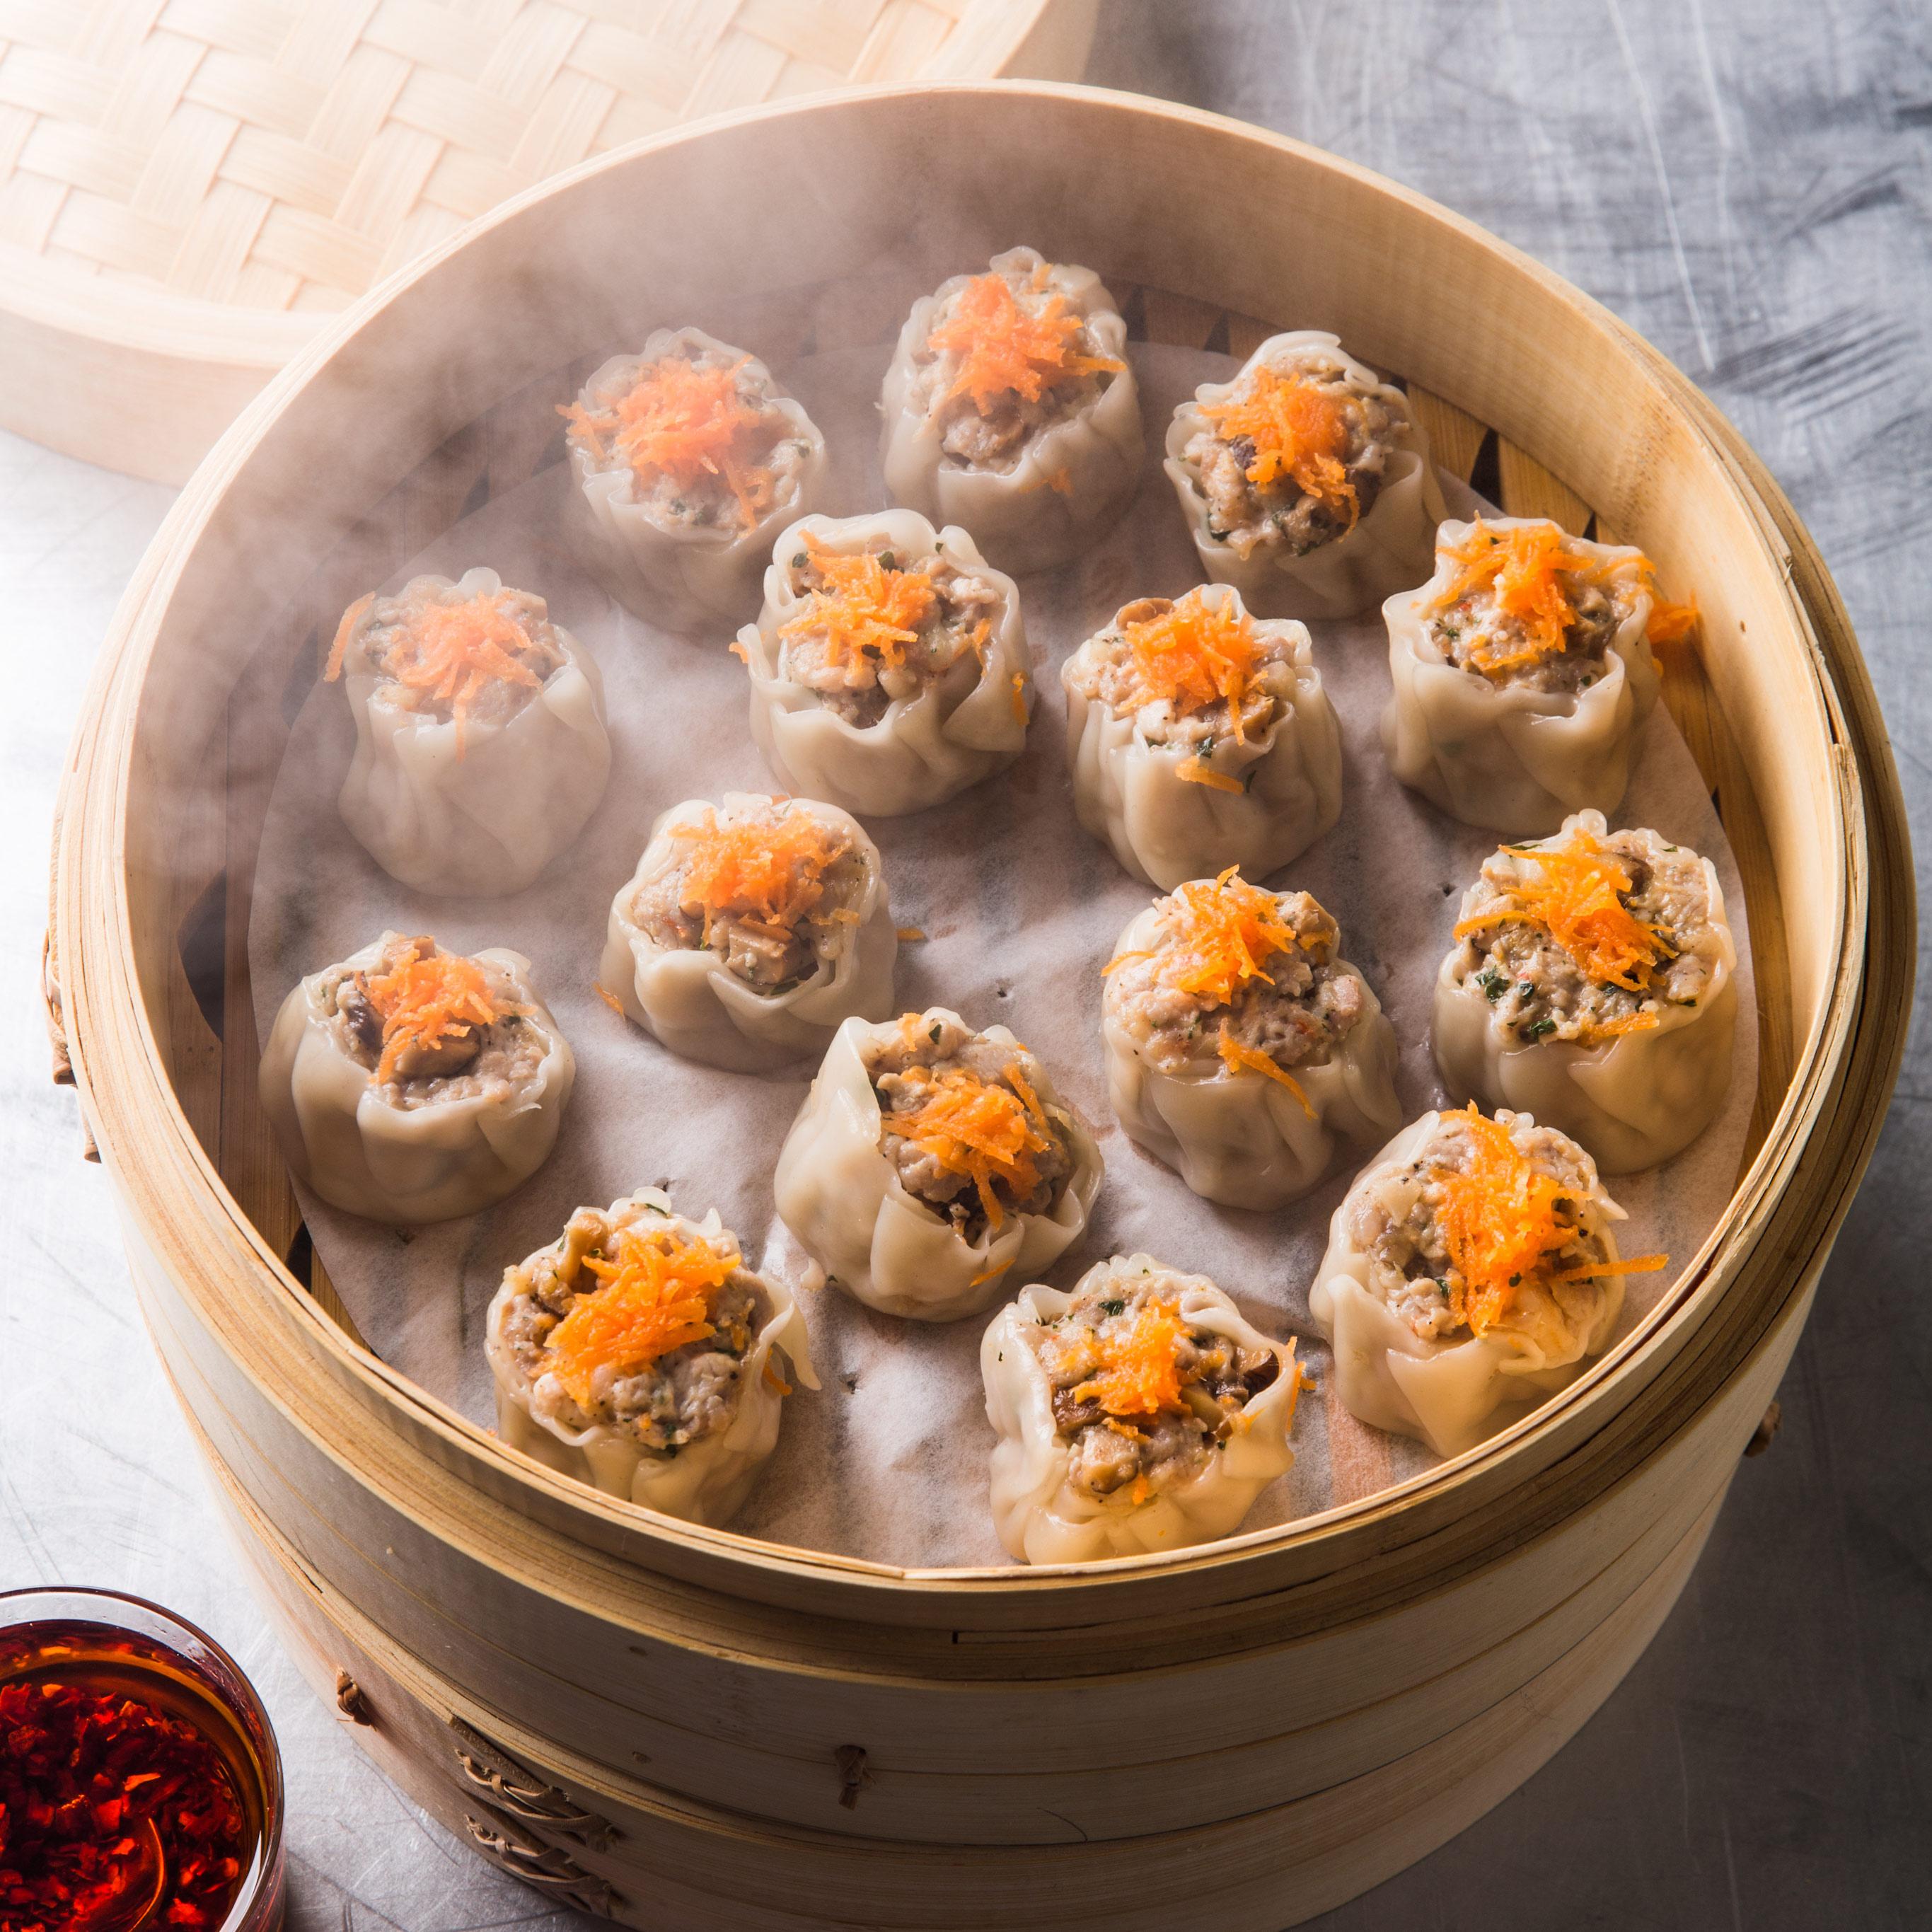 Dumplings En Bevroren Oren Spiritueel Boeddha